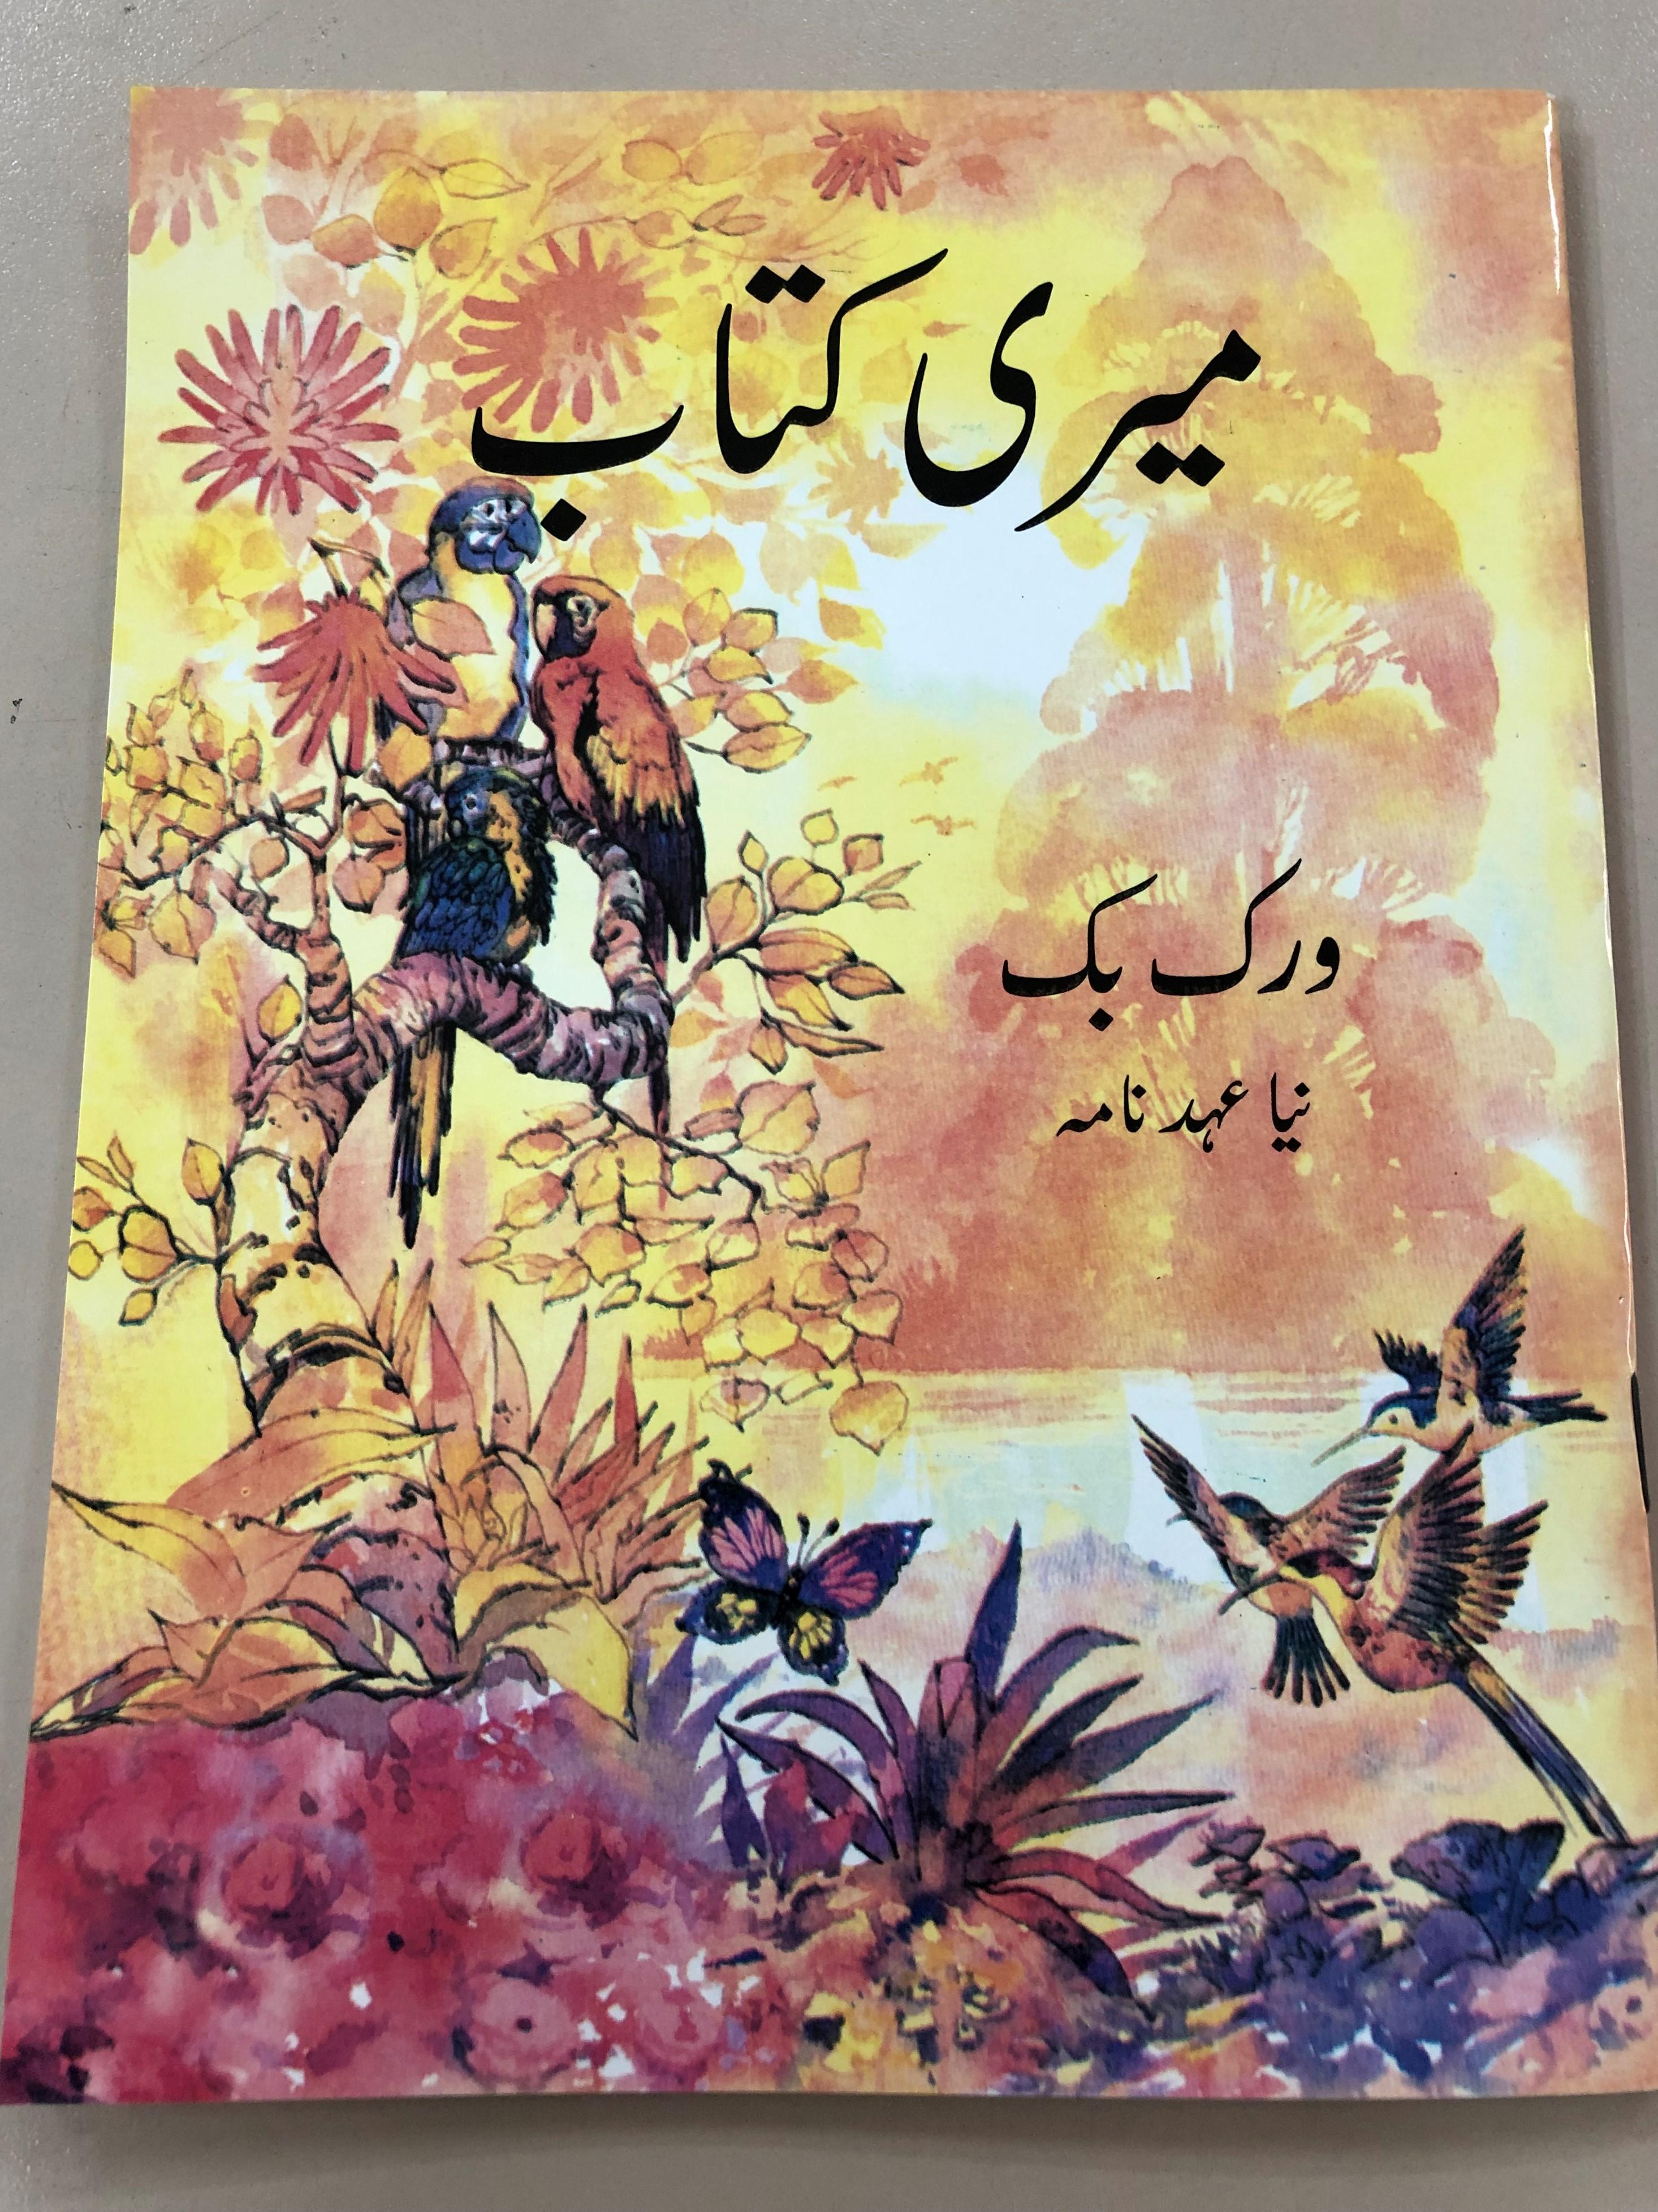 urdu-edition-of-the-children-s-bible-by-anne-de-vries-kleutervertelboek-voor-de-bijbelse-geschiedenis-paperback-2018-1-.jpg